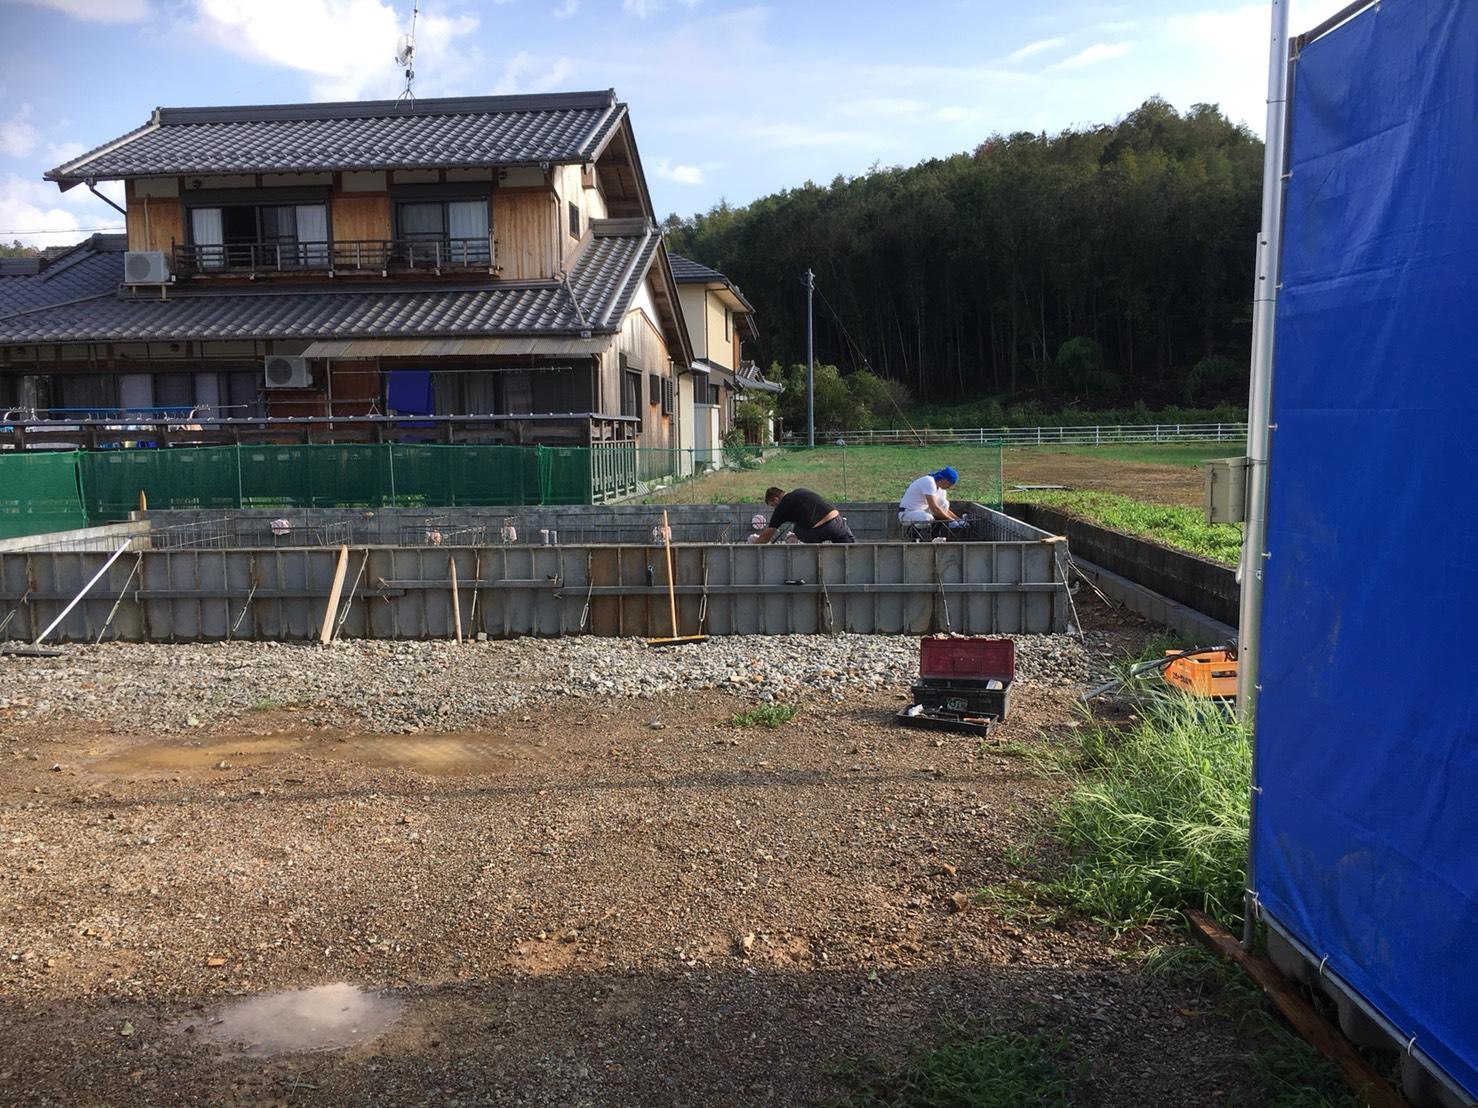 関市の現場では基礎工事が進んでいます